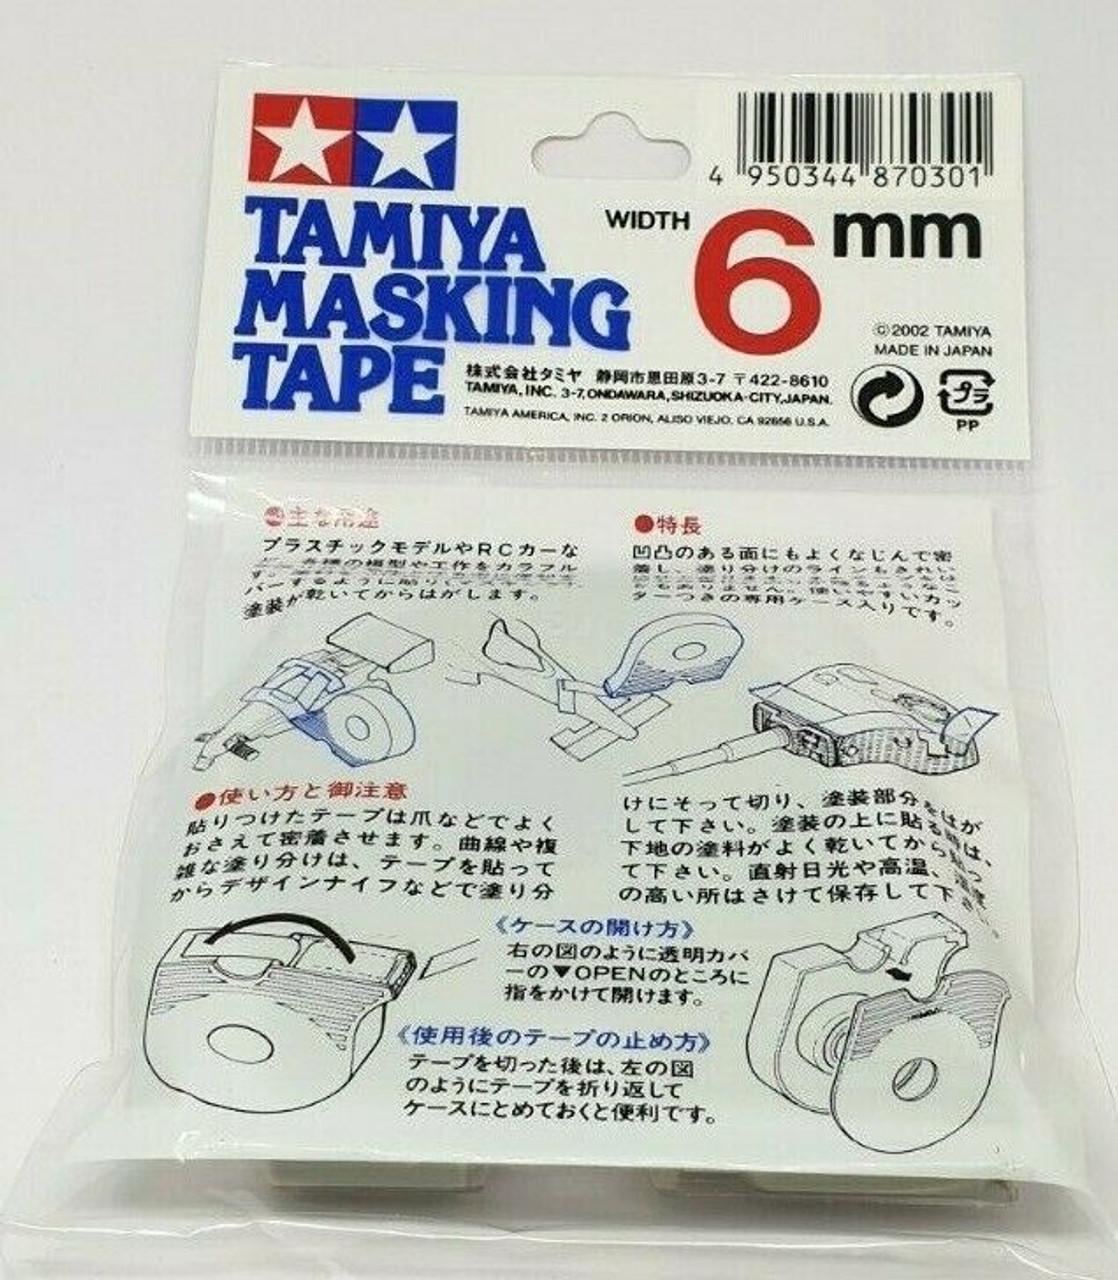 Tamiya Masking Tape Dispenser 6 mm